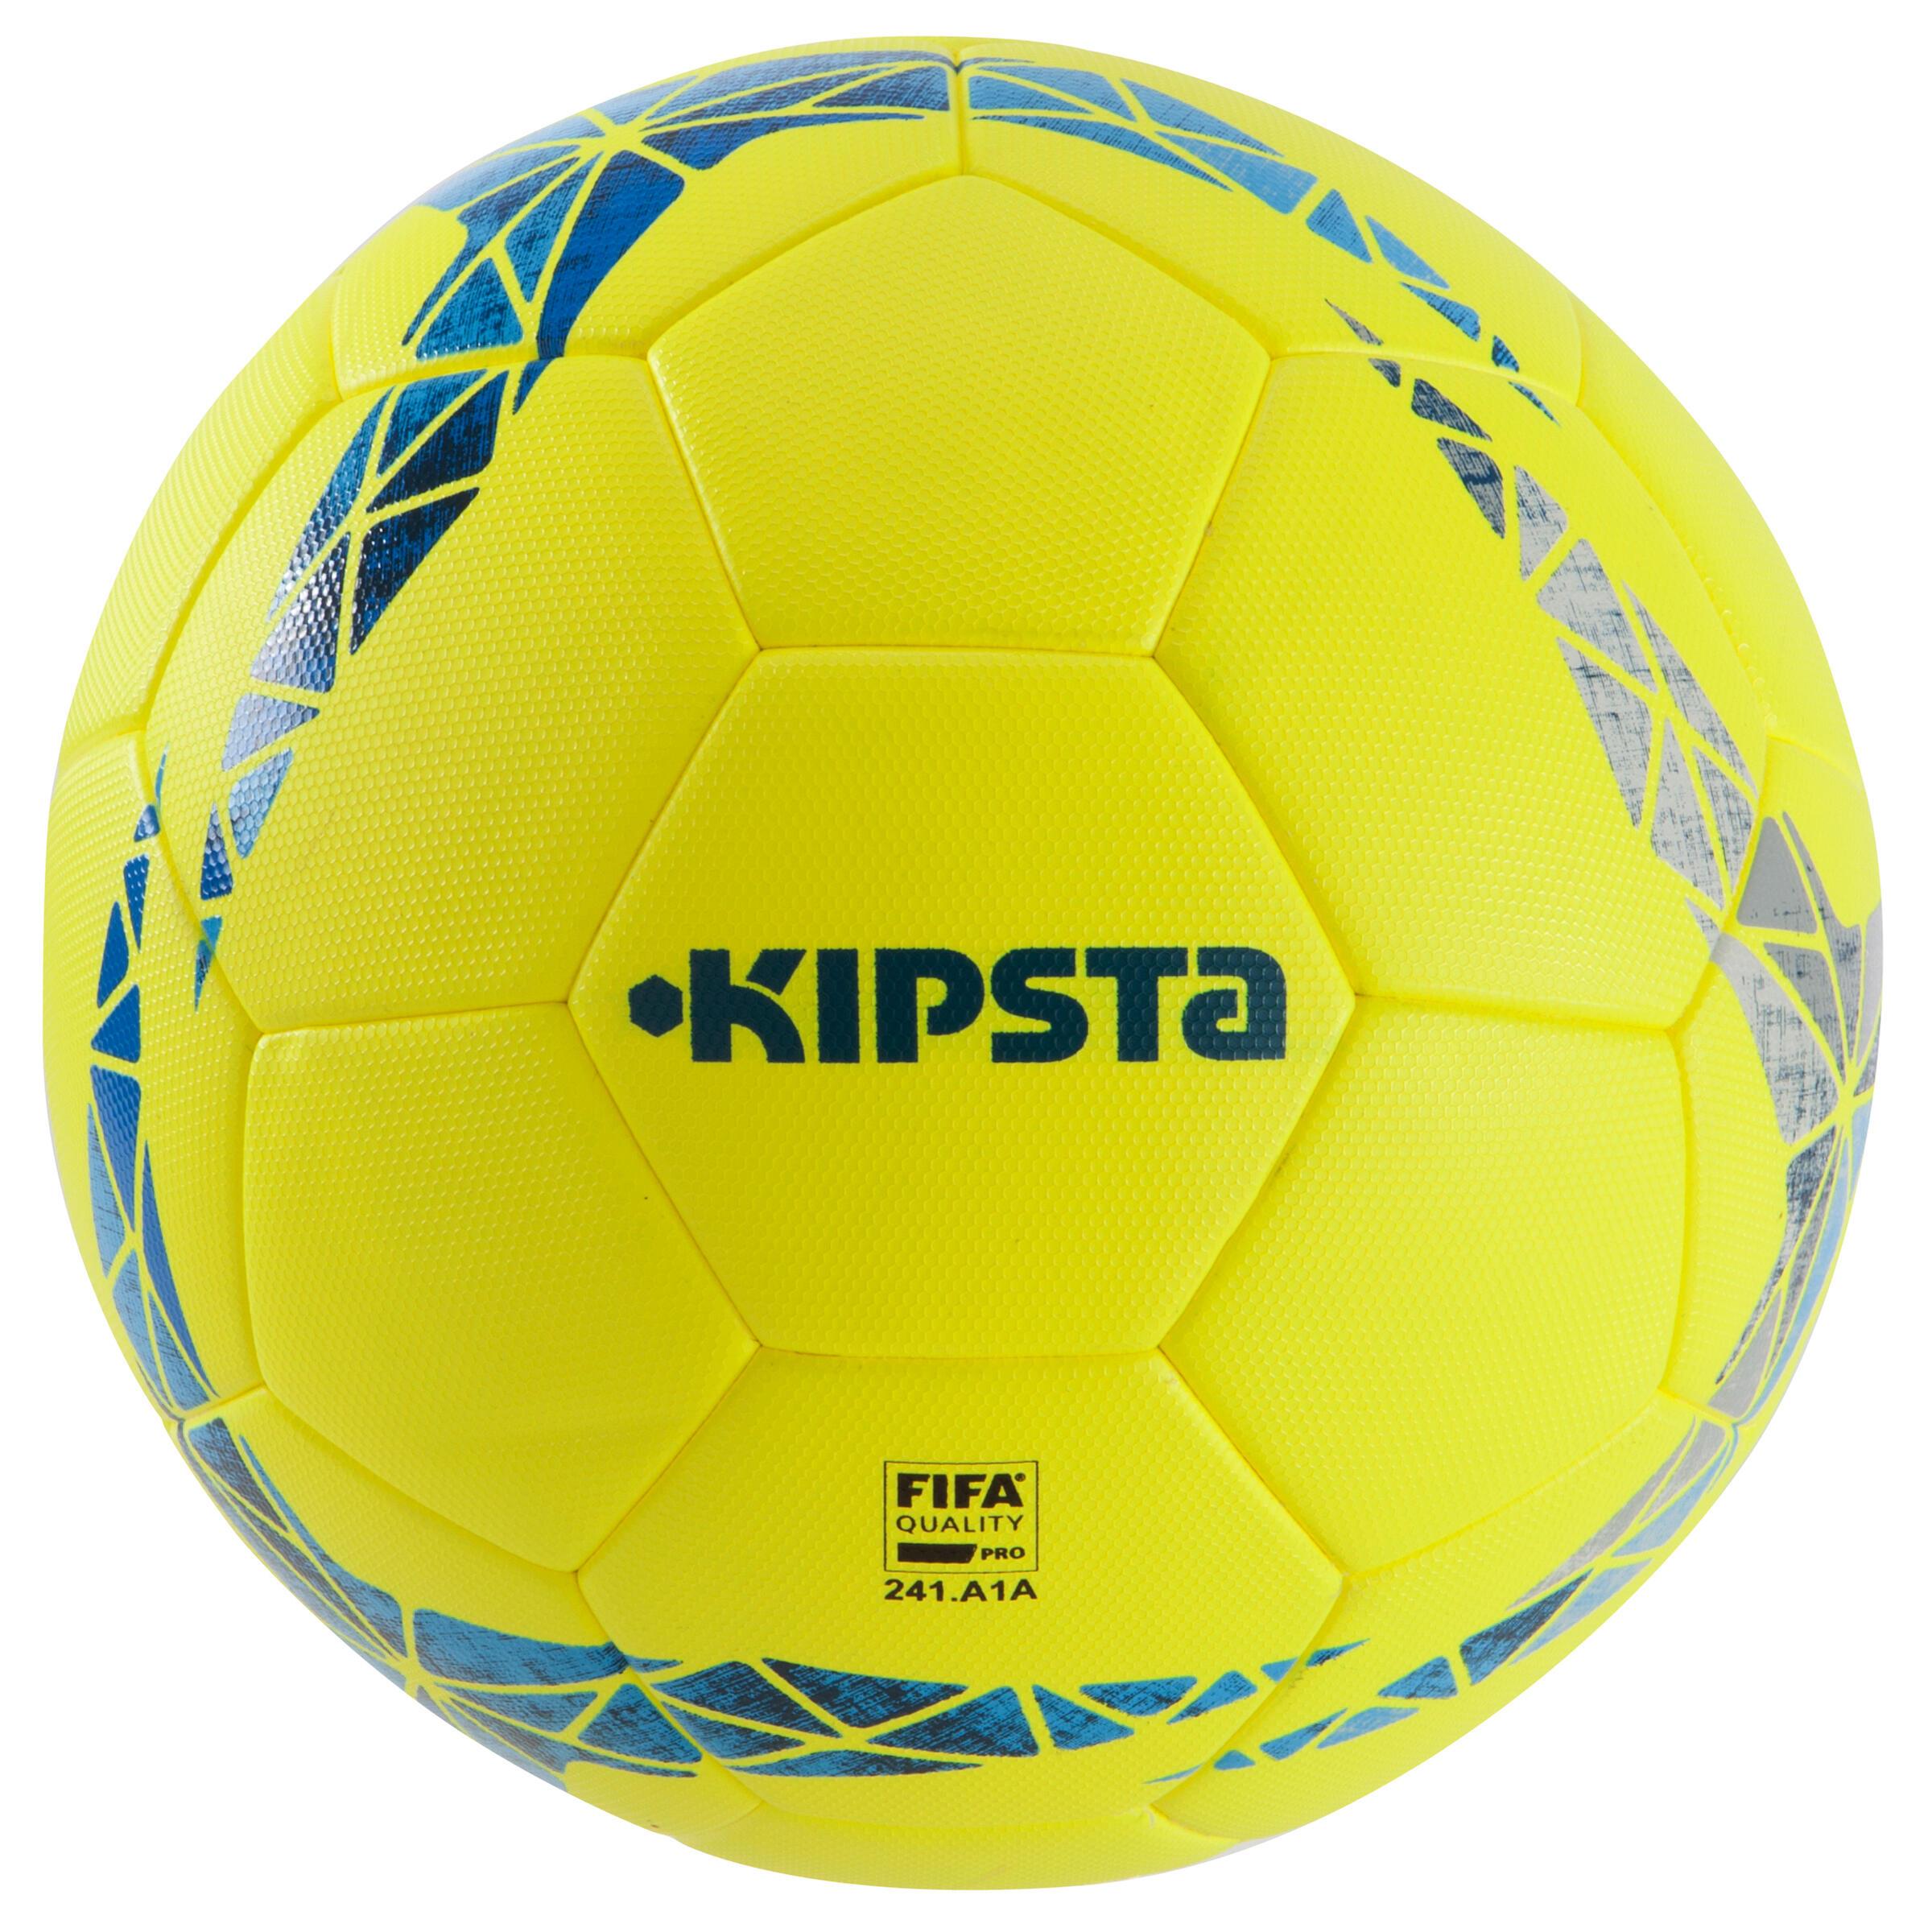 28f8cdfbc1ca2 Balón de fútbol termosellado fifa pro talla amarillo azul gris jpg 700x700  Decathlon caña alto taco